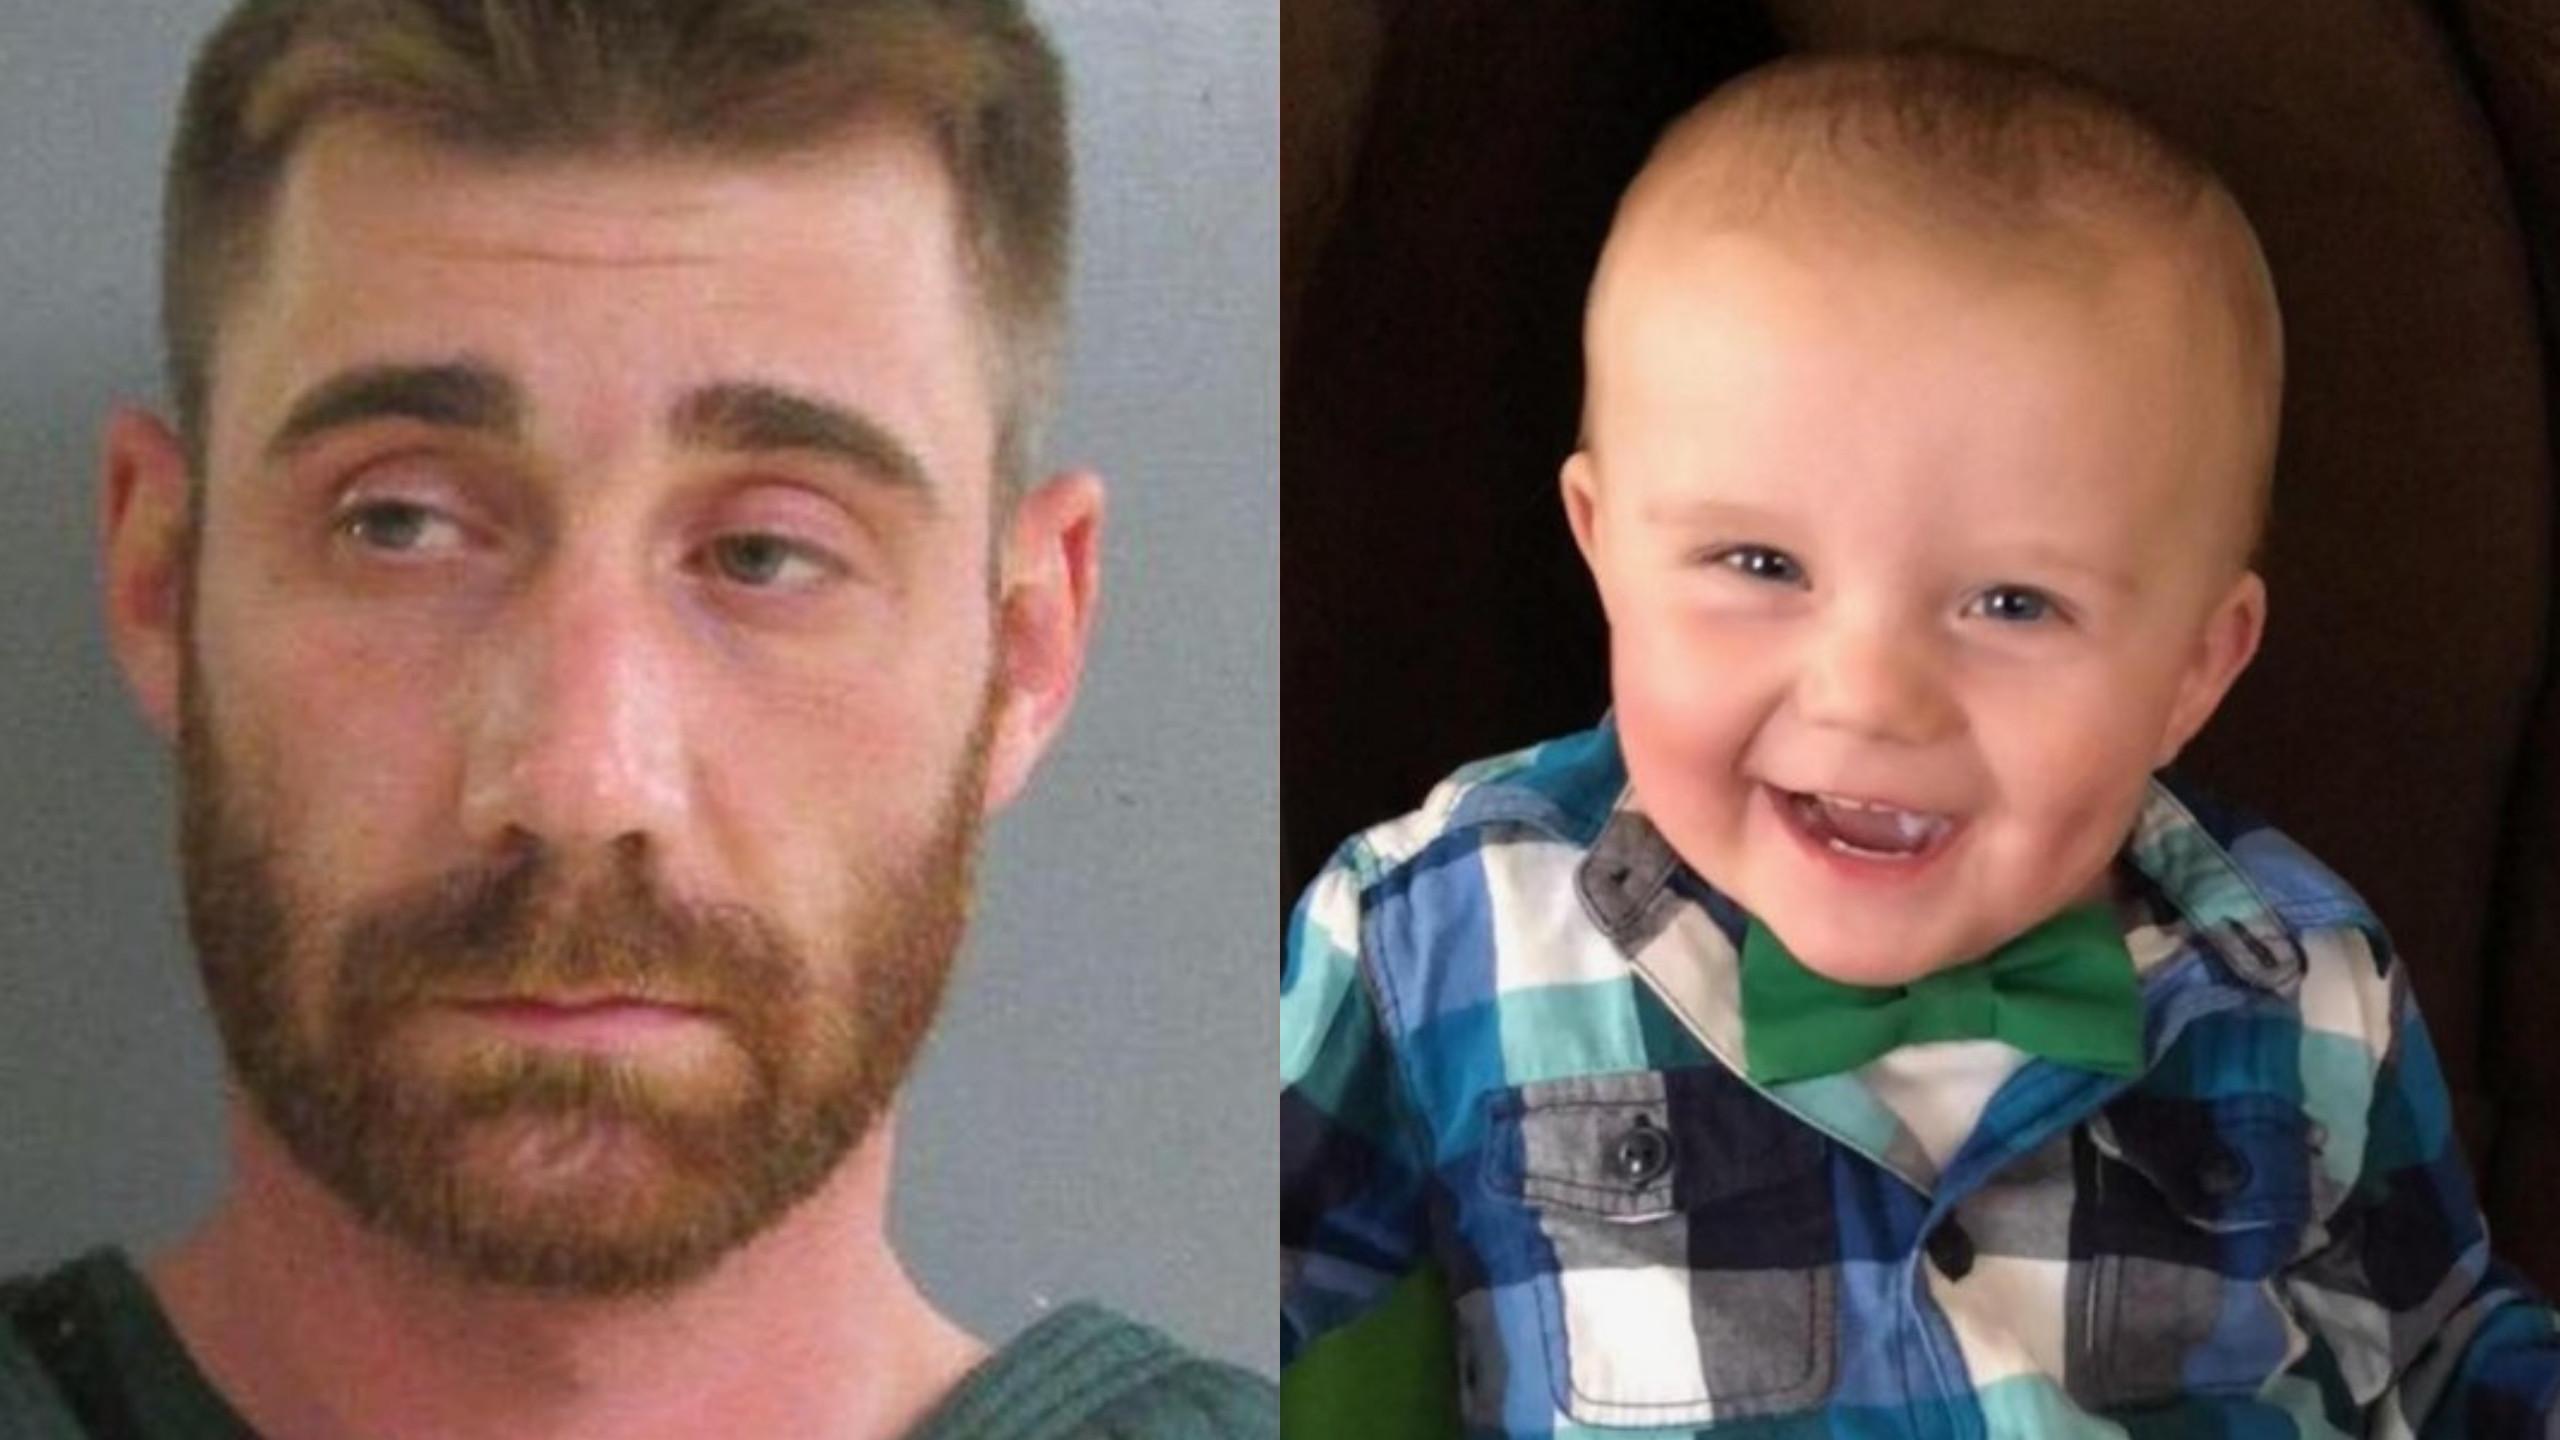 Pai disparou intencionalmente sobre filho de 2 anos em discussão com mãe